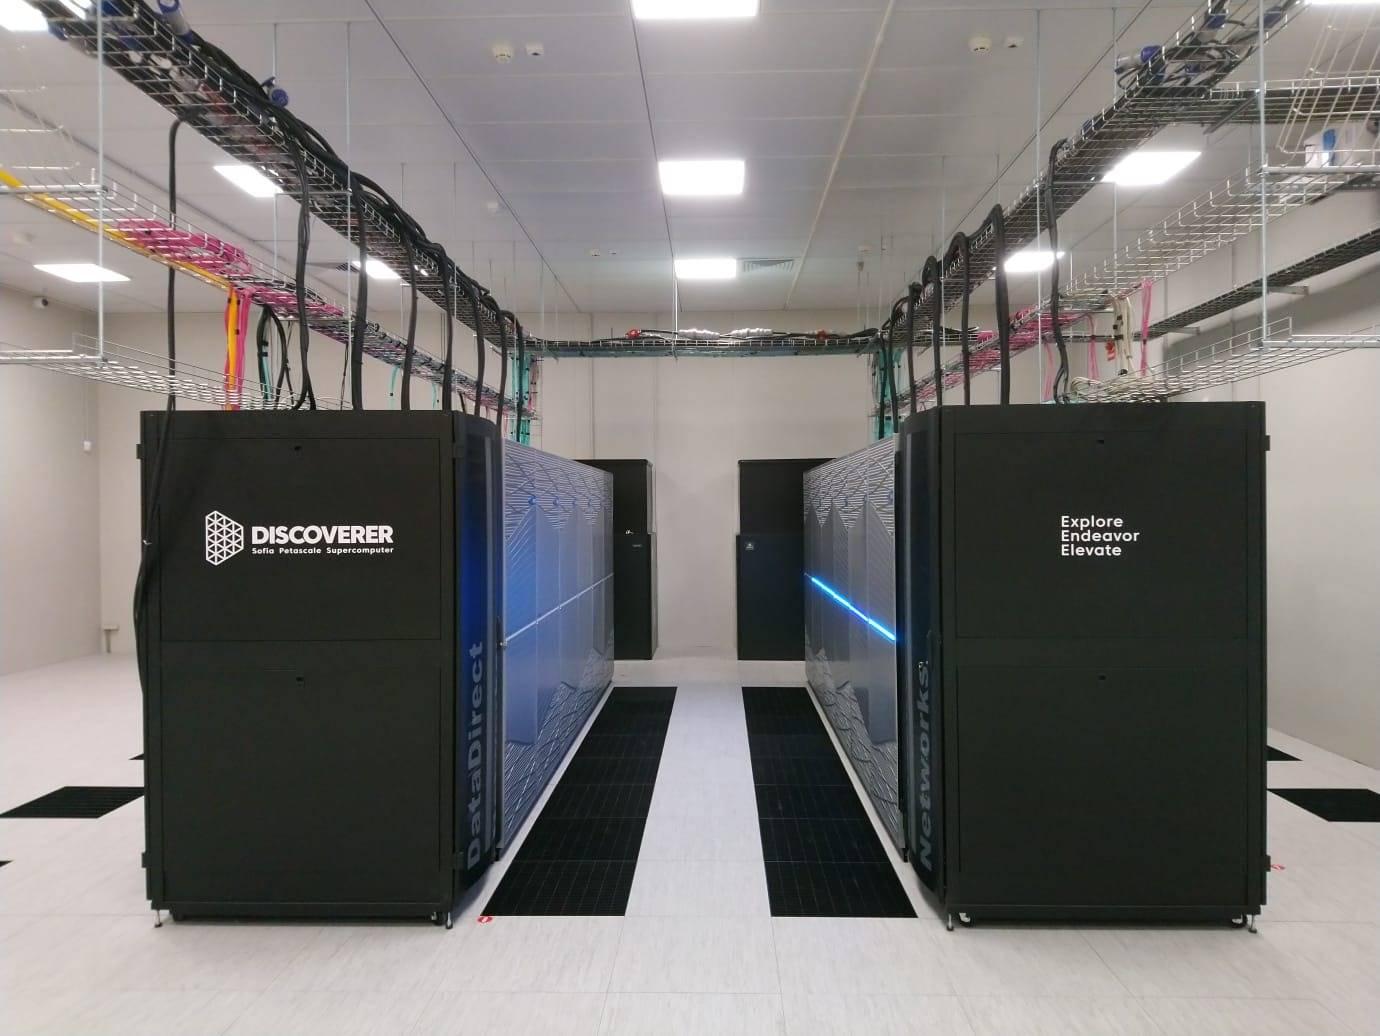 Българският суперкомпютър, част от мрежата EuroHPC, базиран на мощната BullSequana